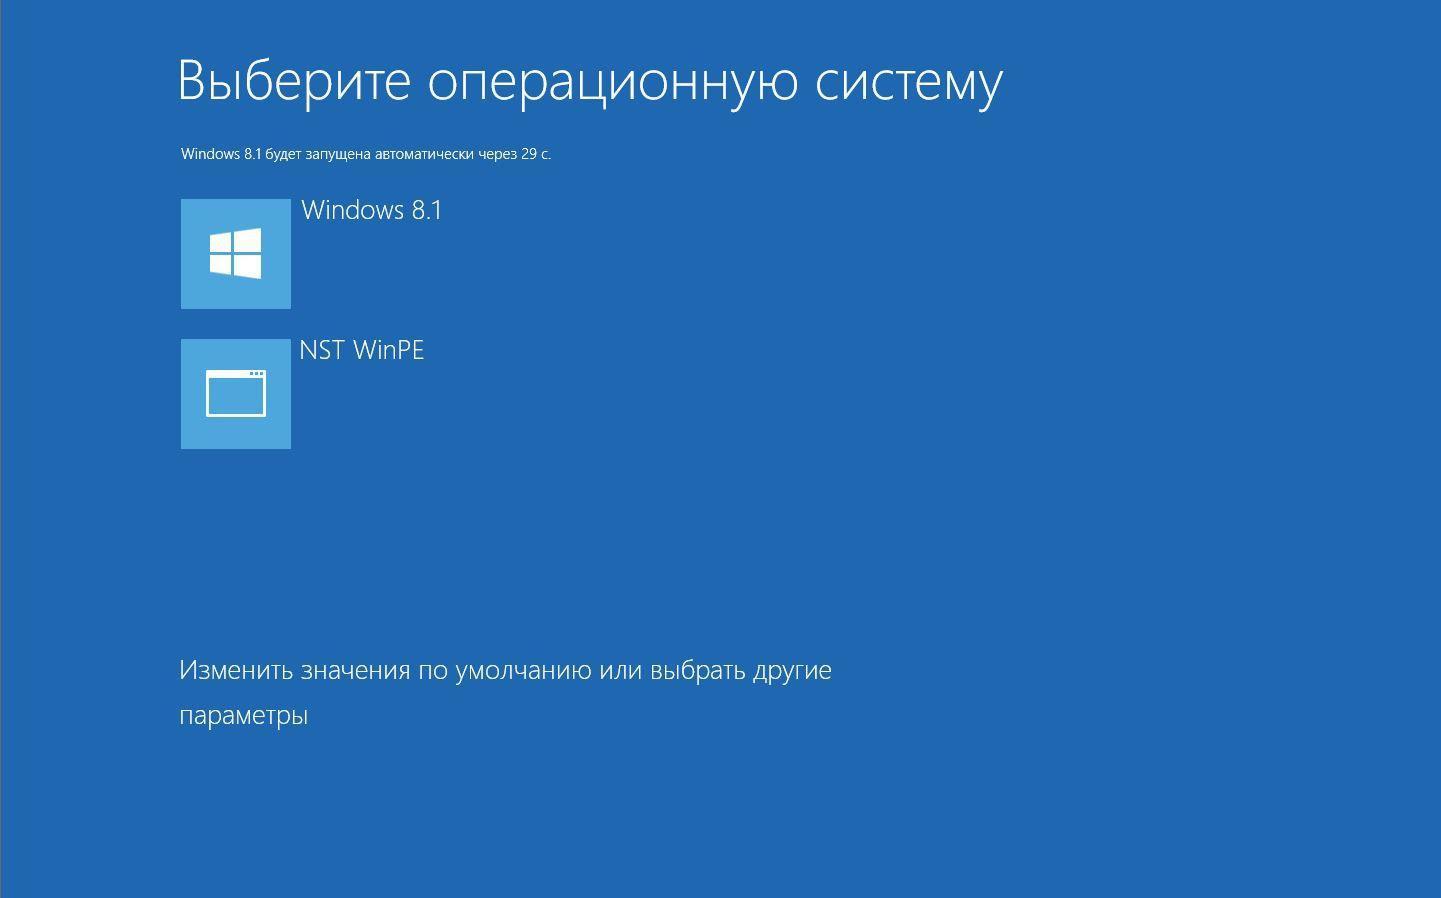 Как скачать Windows 8.1 на компьютер и создать установочный диск